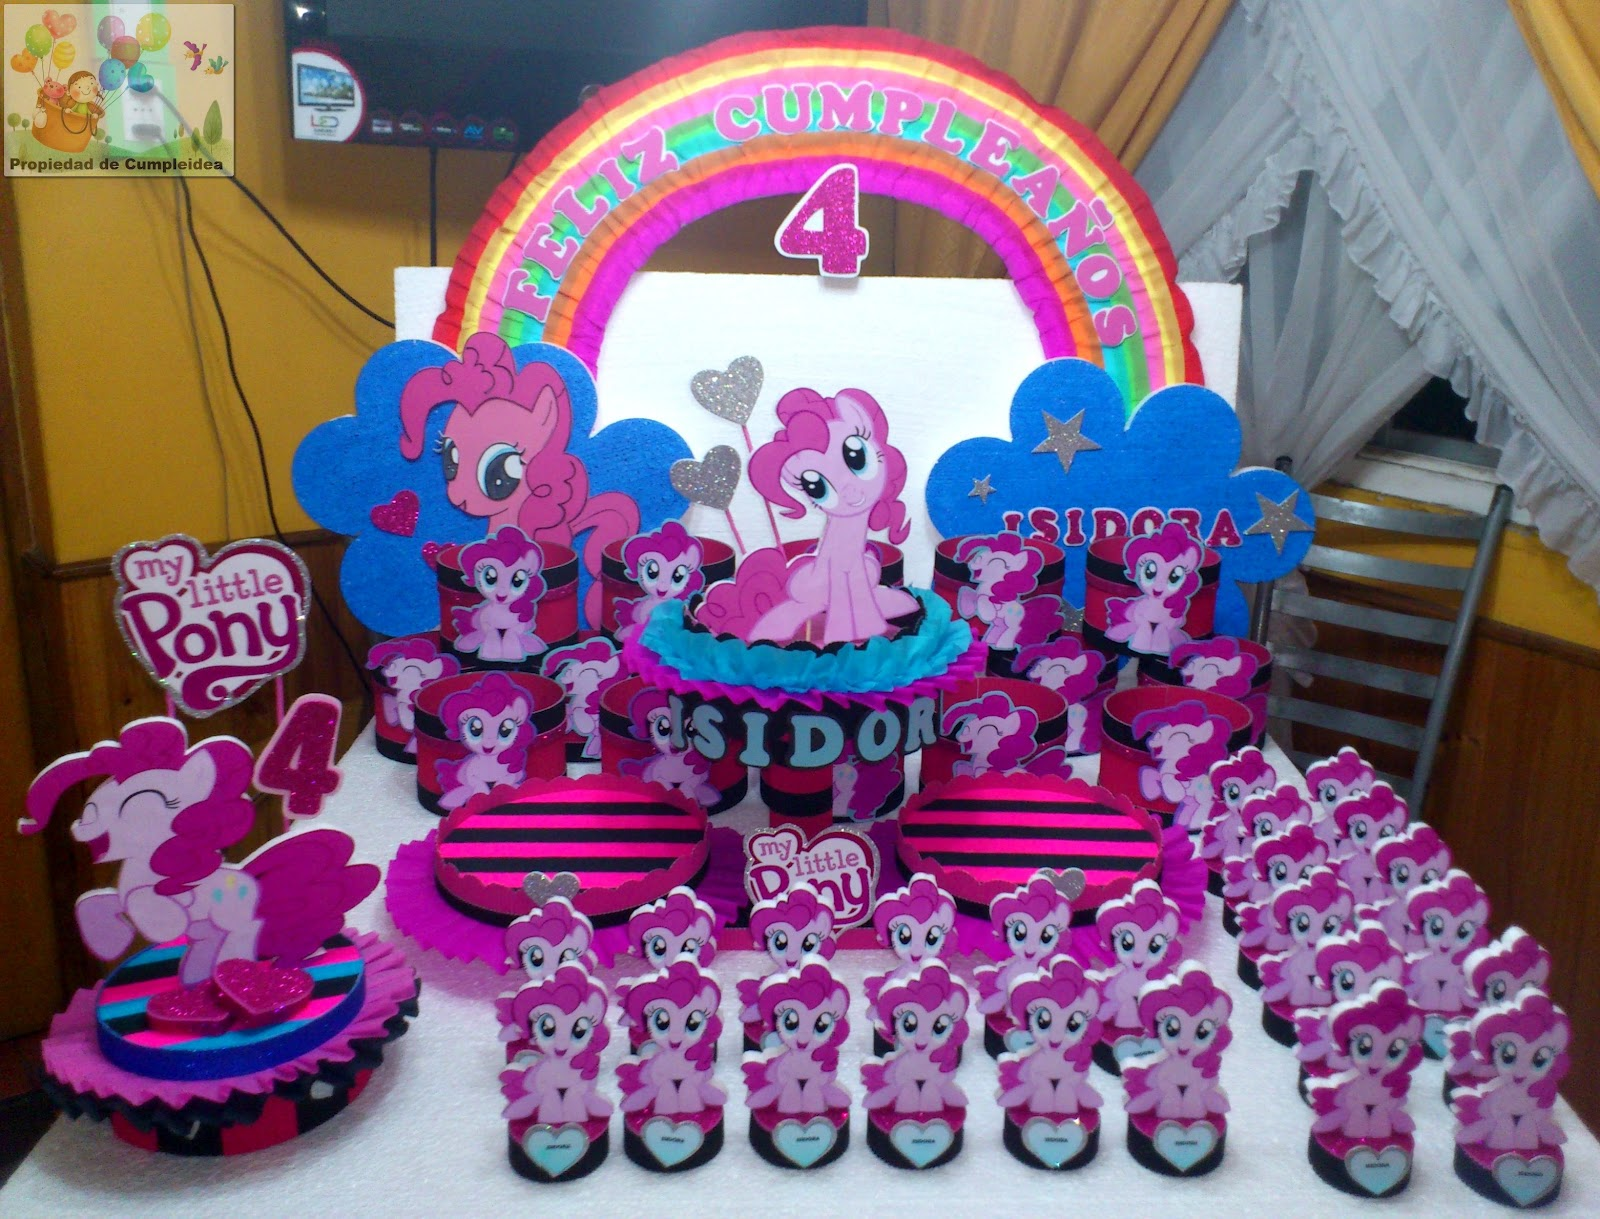 Decoraciones Infantiles Pack My Little Pony | Auto Design Tech - photo#20